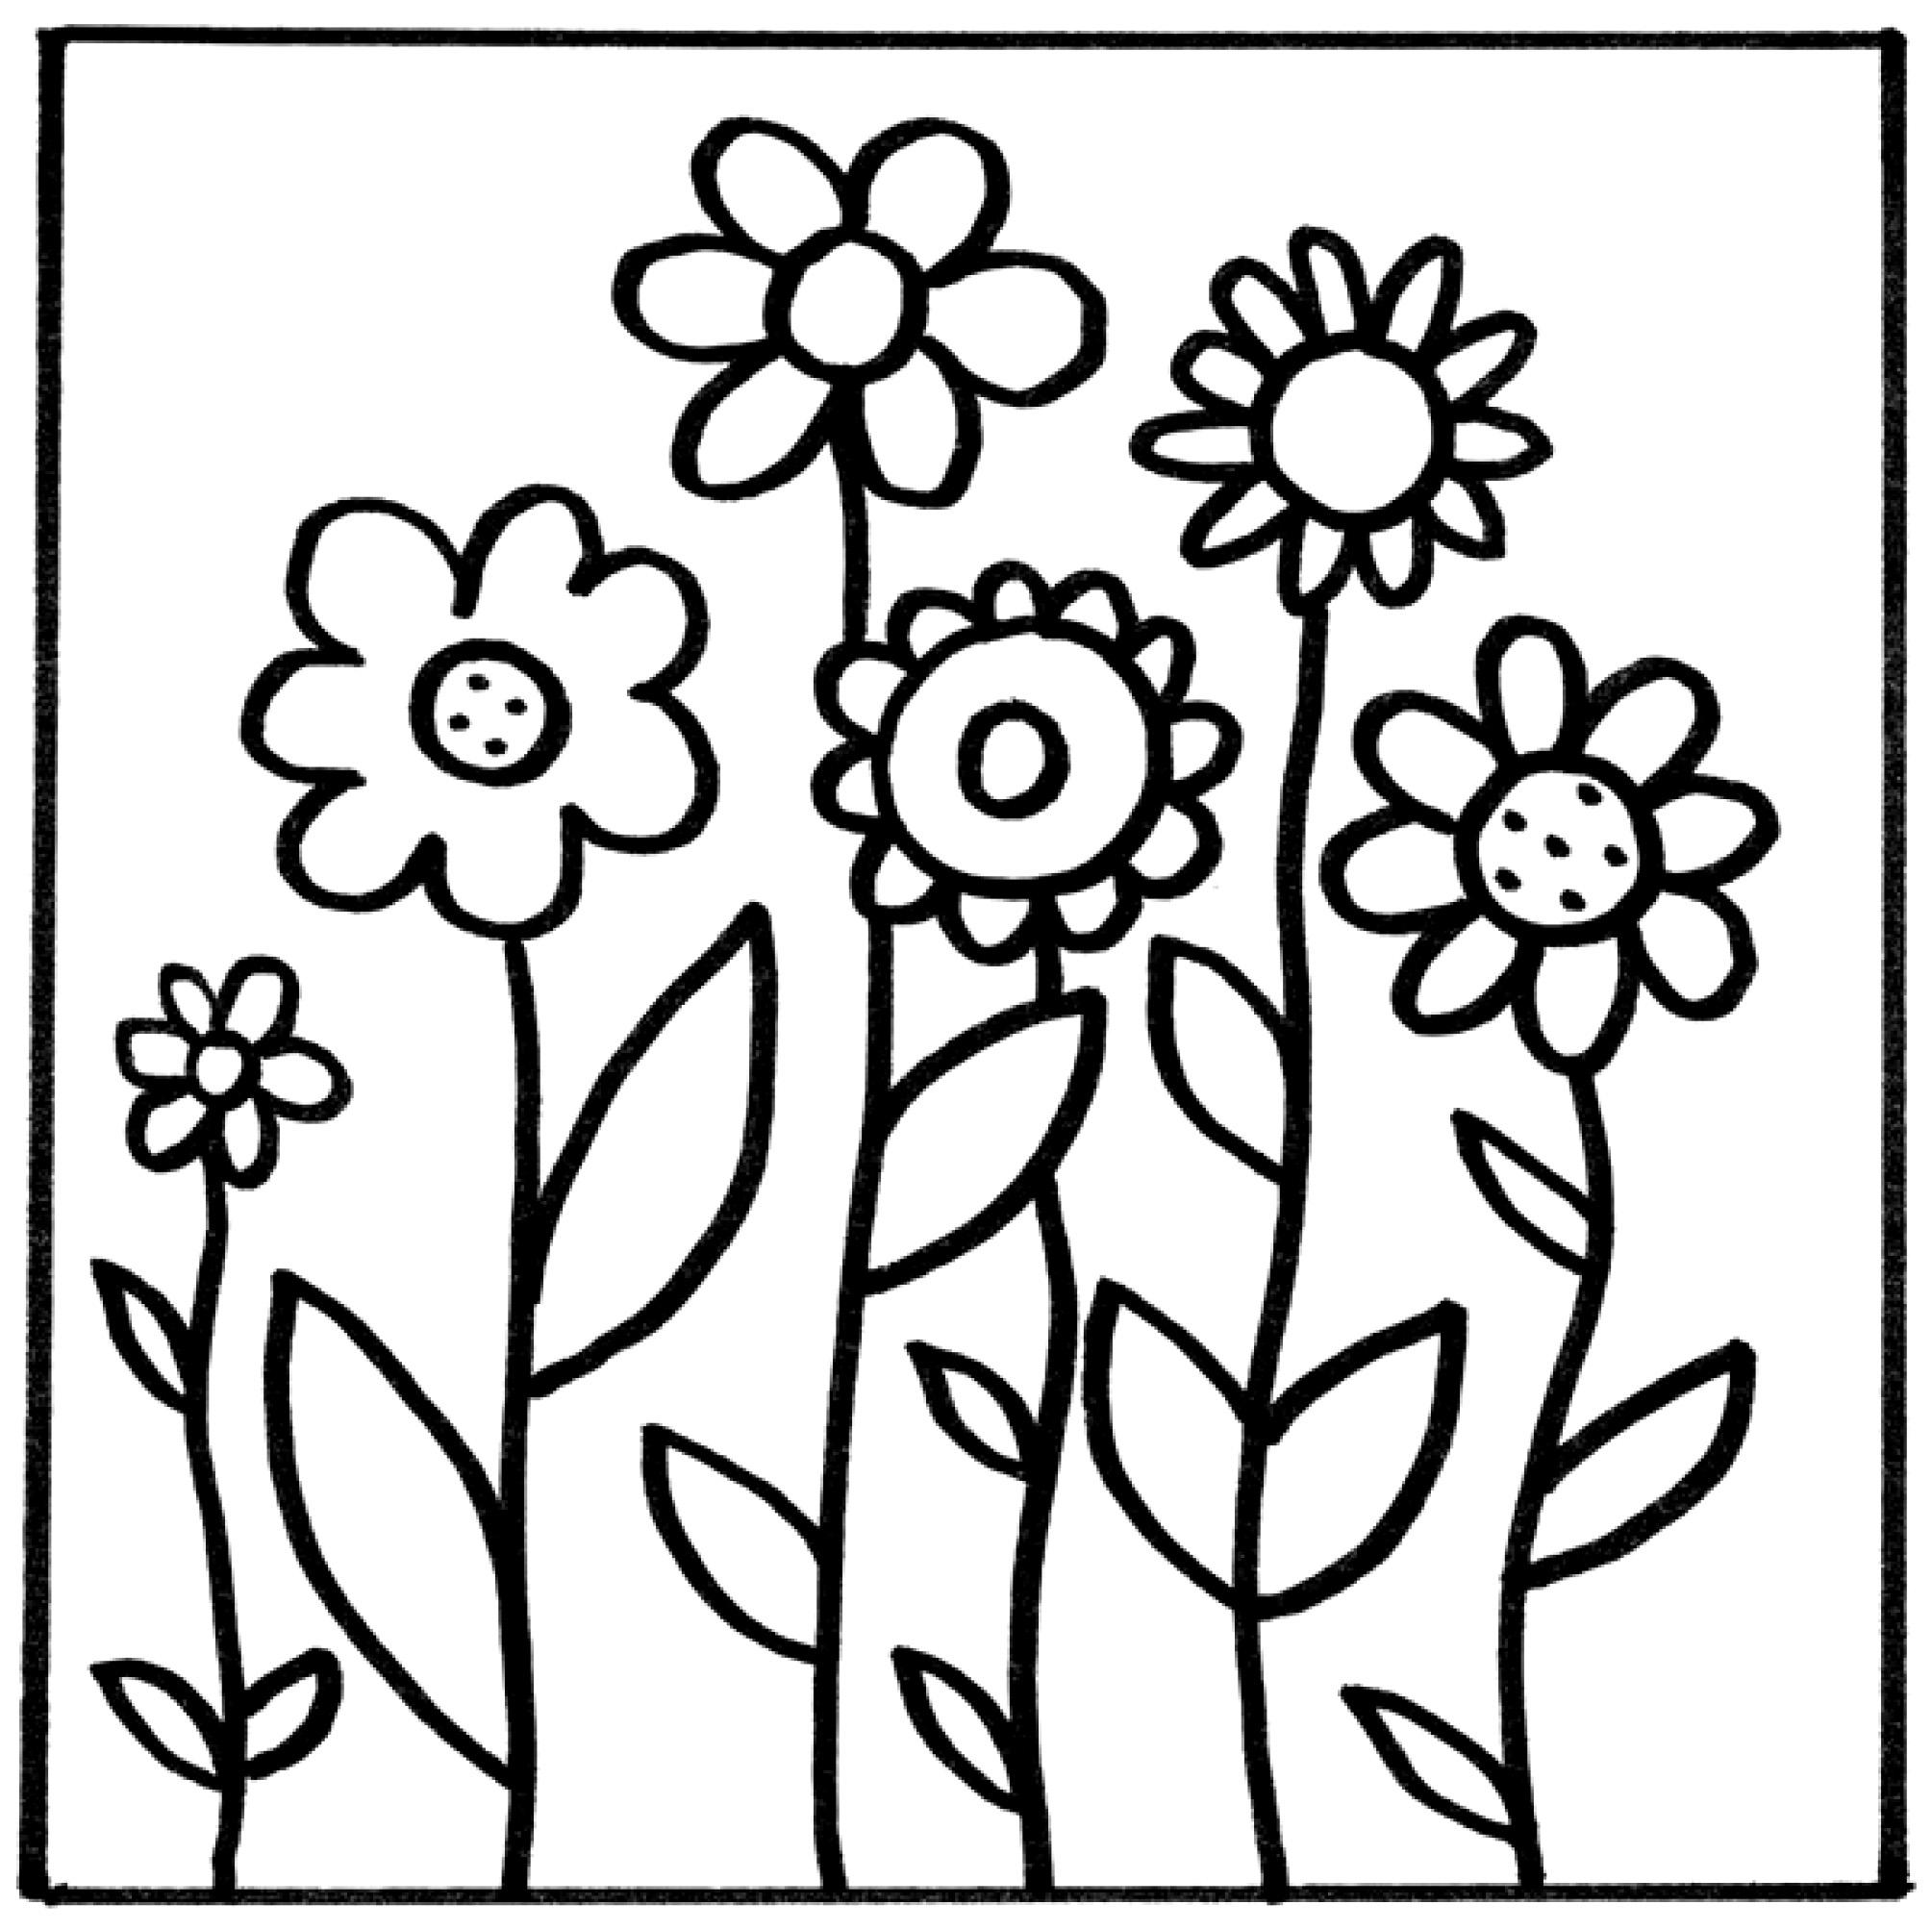 MyToys_Malvorlagen_Blumen_Blumenwiese myToys-Blog